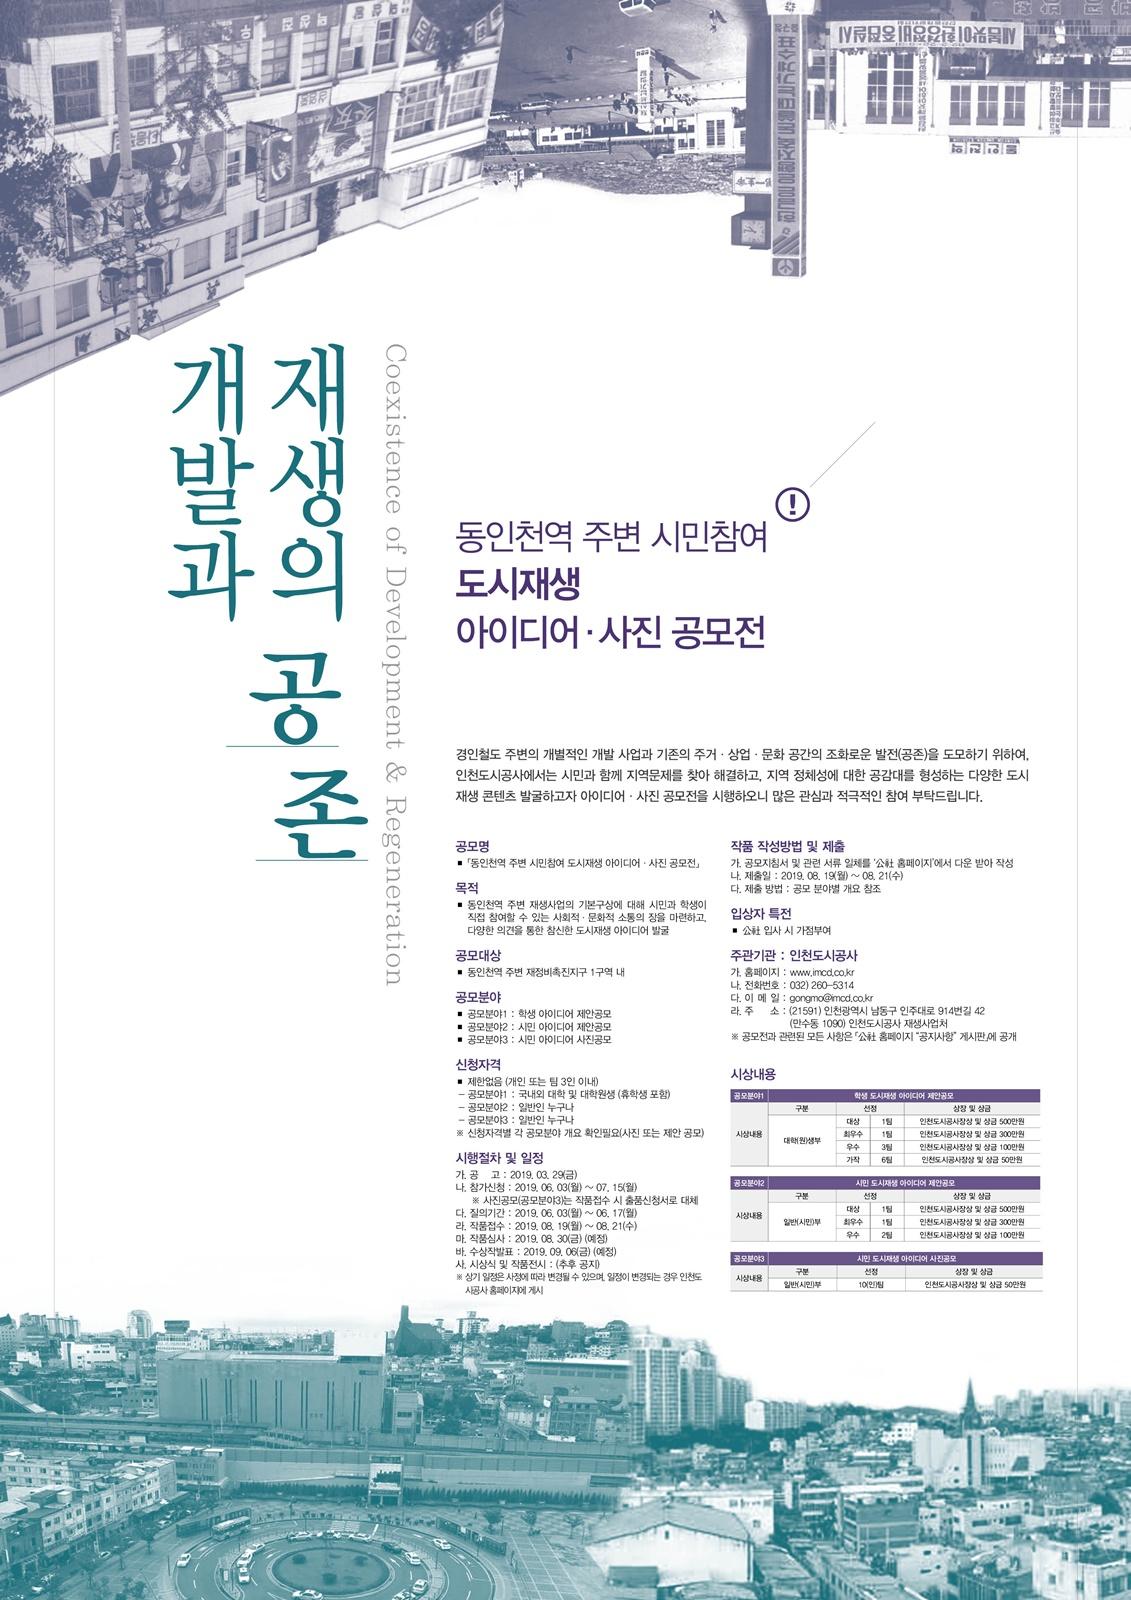 「동인천역 주변 시민참여 도시재생 아이디어·사진 공모전」개최